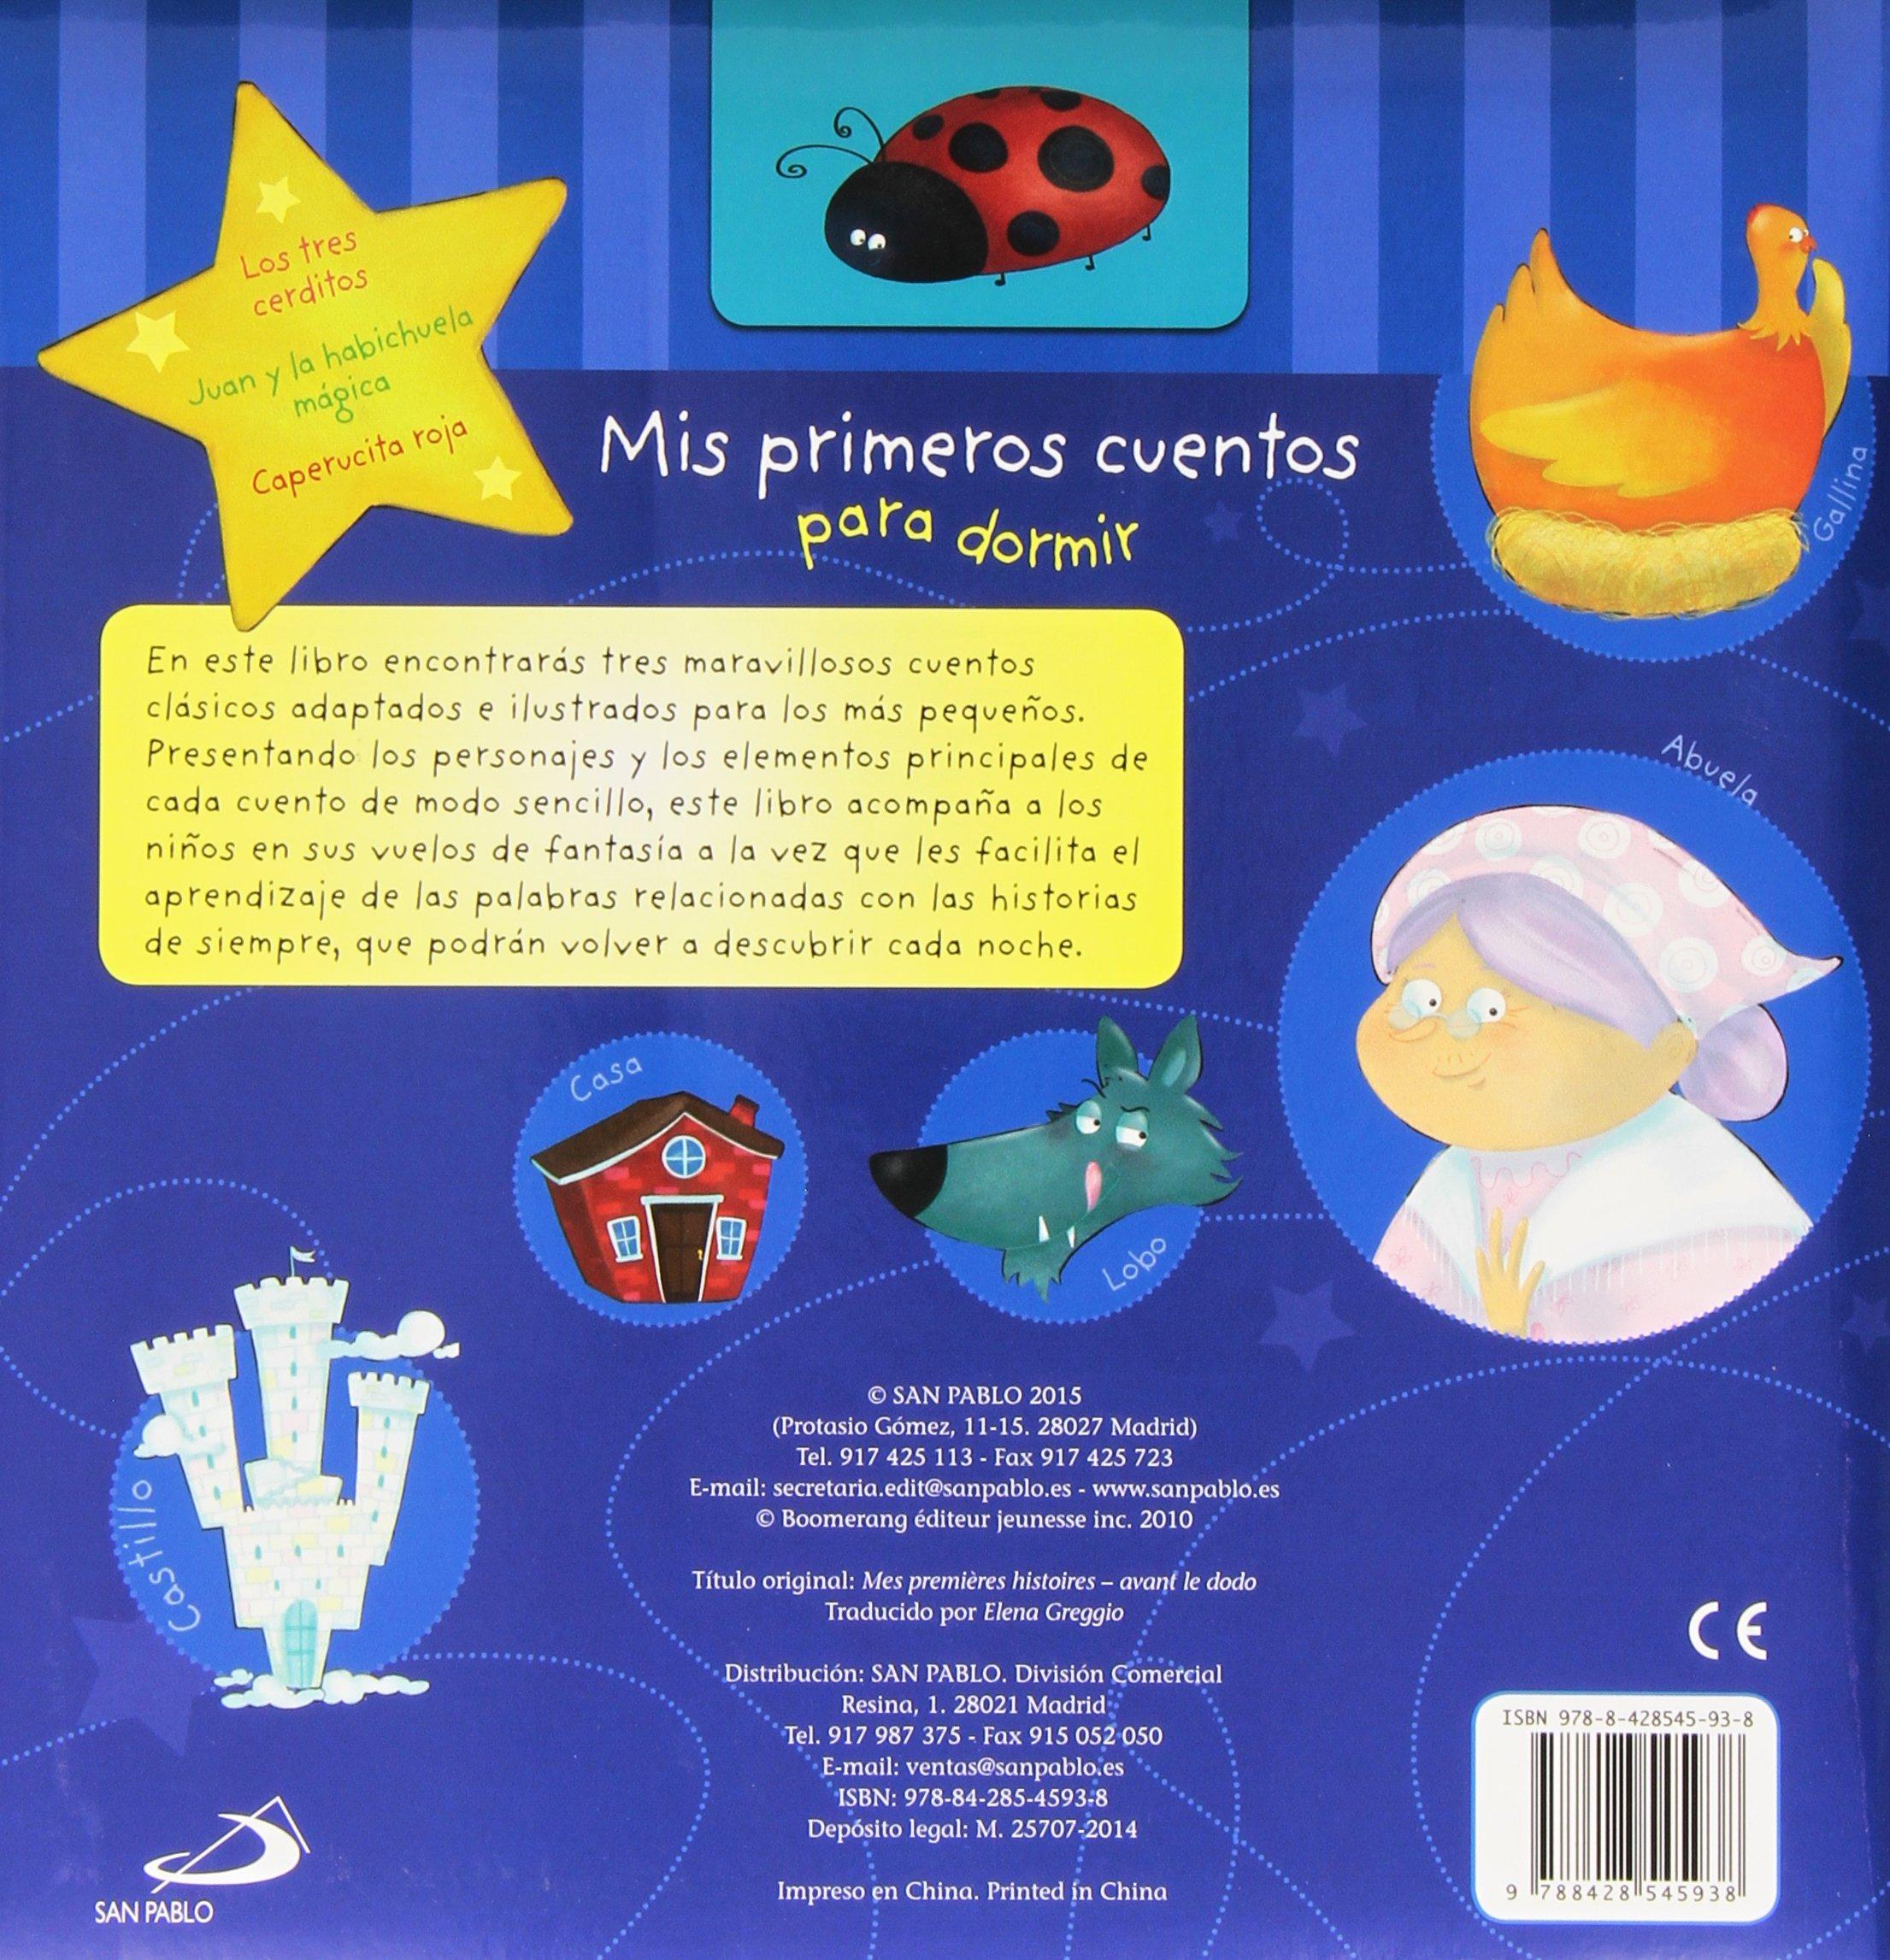 Mis primeros cuentos para dormir Cuentos infantiles - 9788428545938: Amazon.es: MIKA, Elena Greggio: Libros